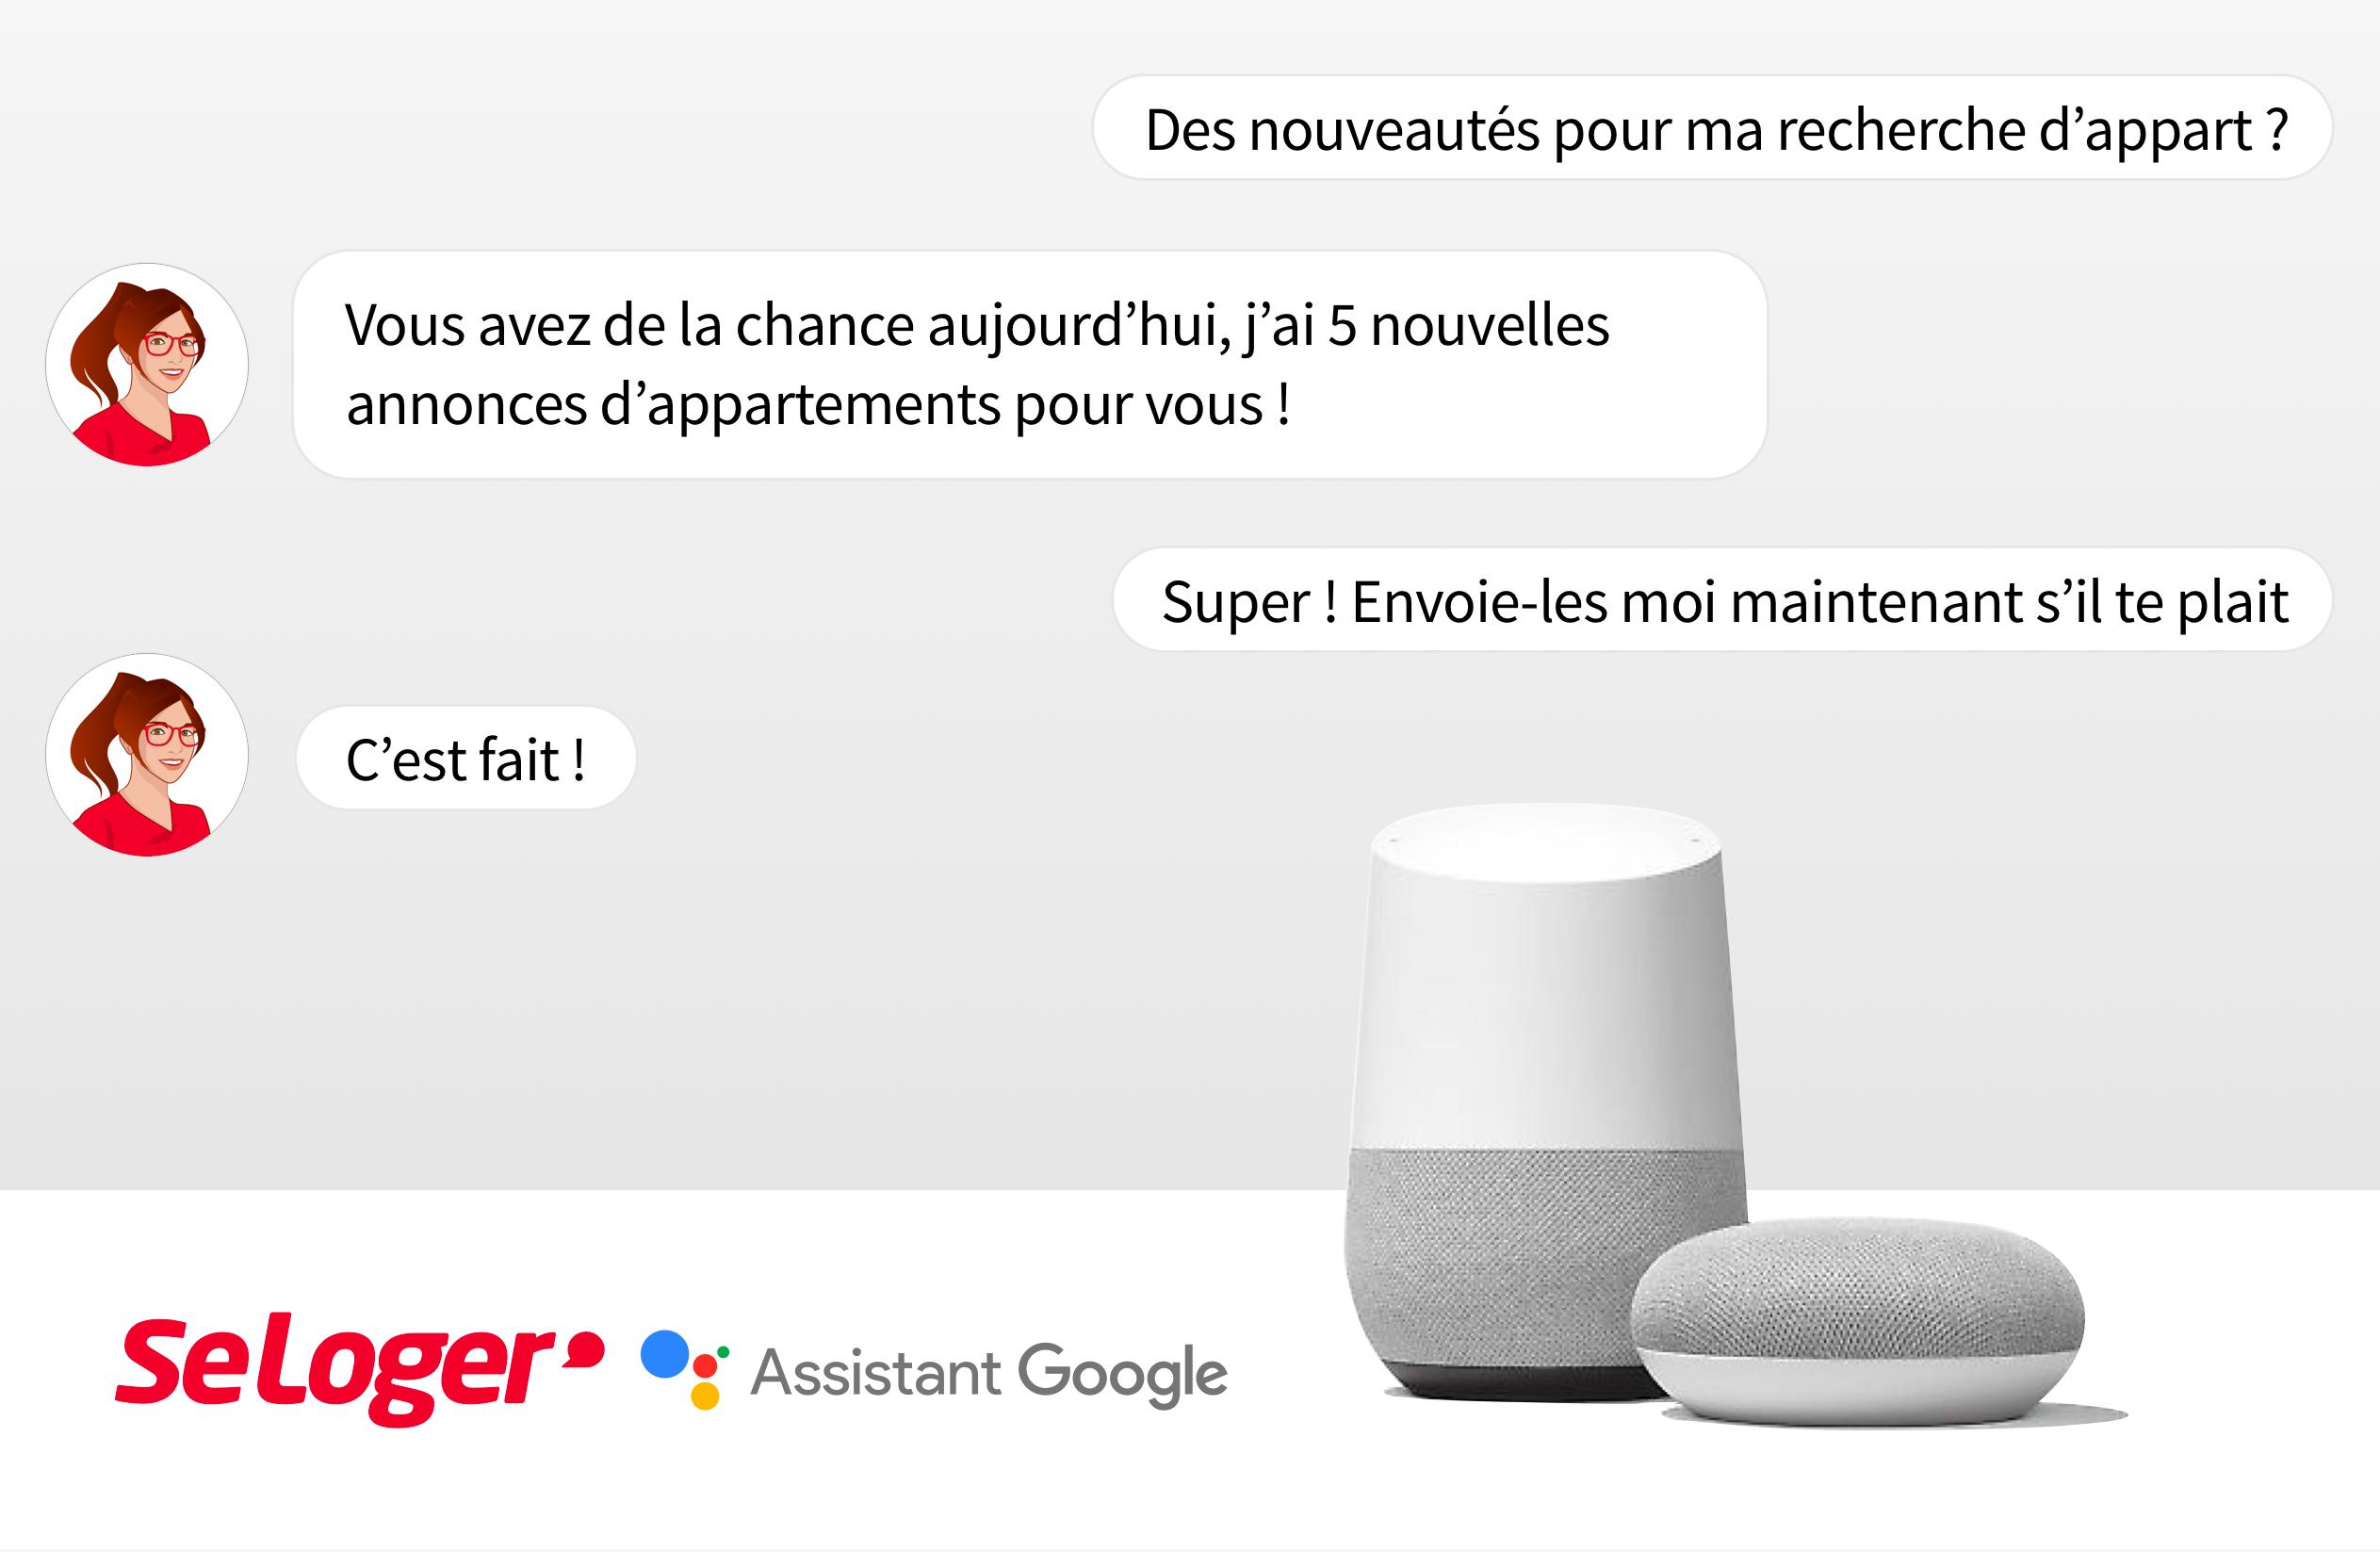 SeLoger : 1er site de recherche immobilière en France  à lancer la recherche immobilière vocale  sur l'Assistant Google !